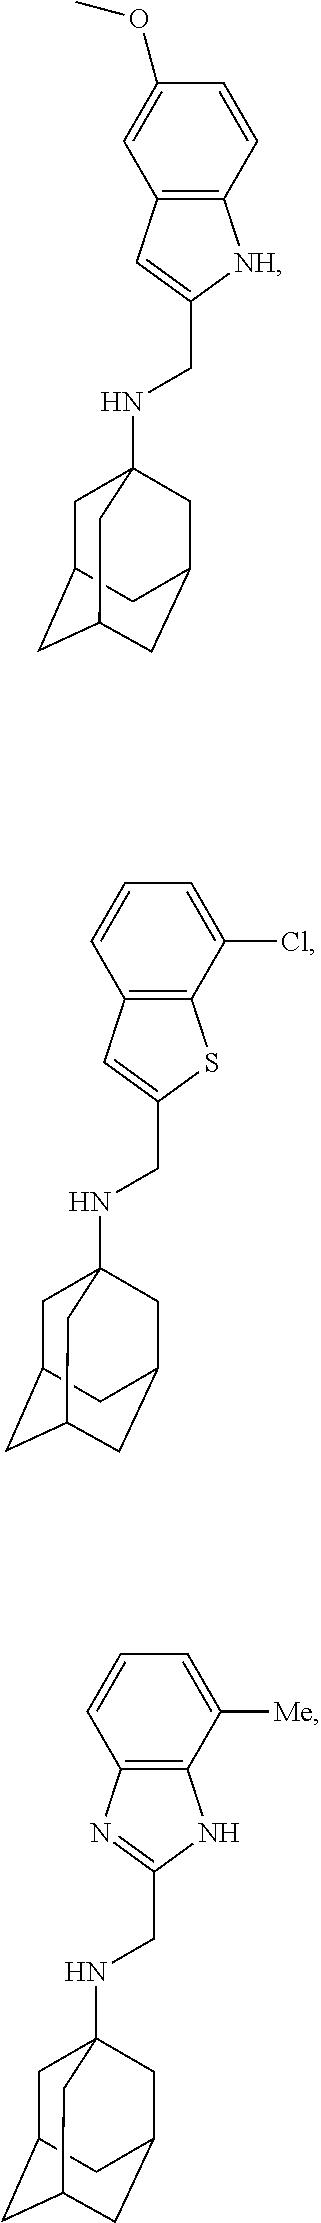 Figure US09884832-20180206-C00170